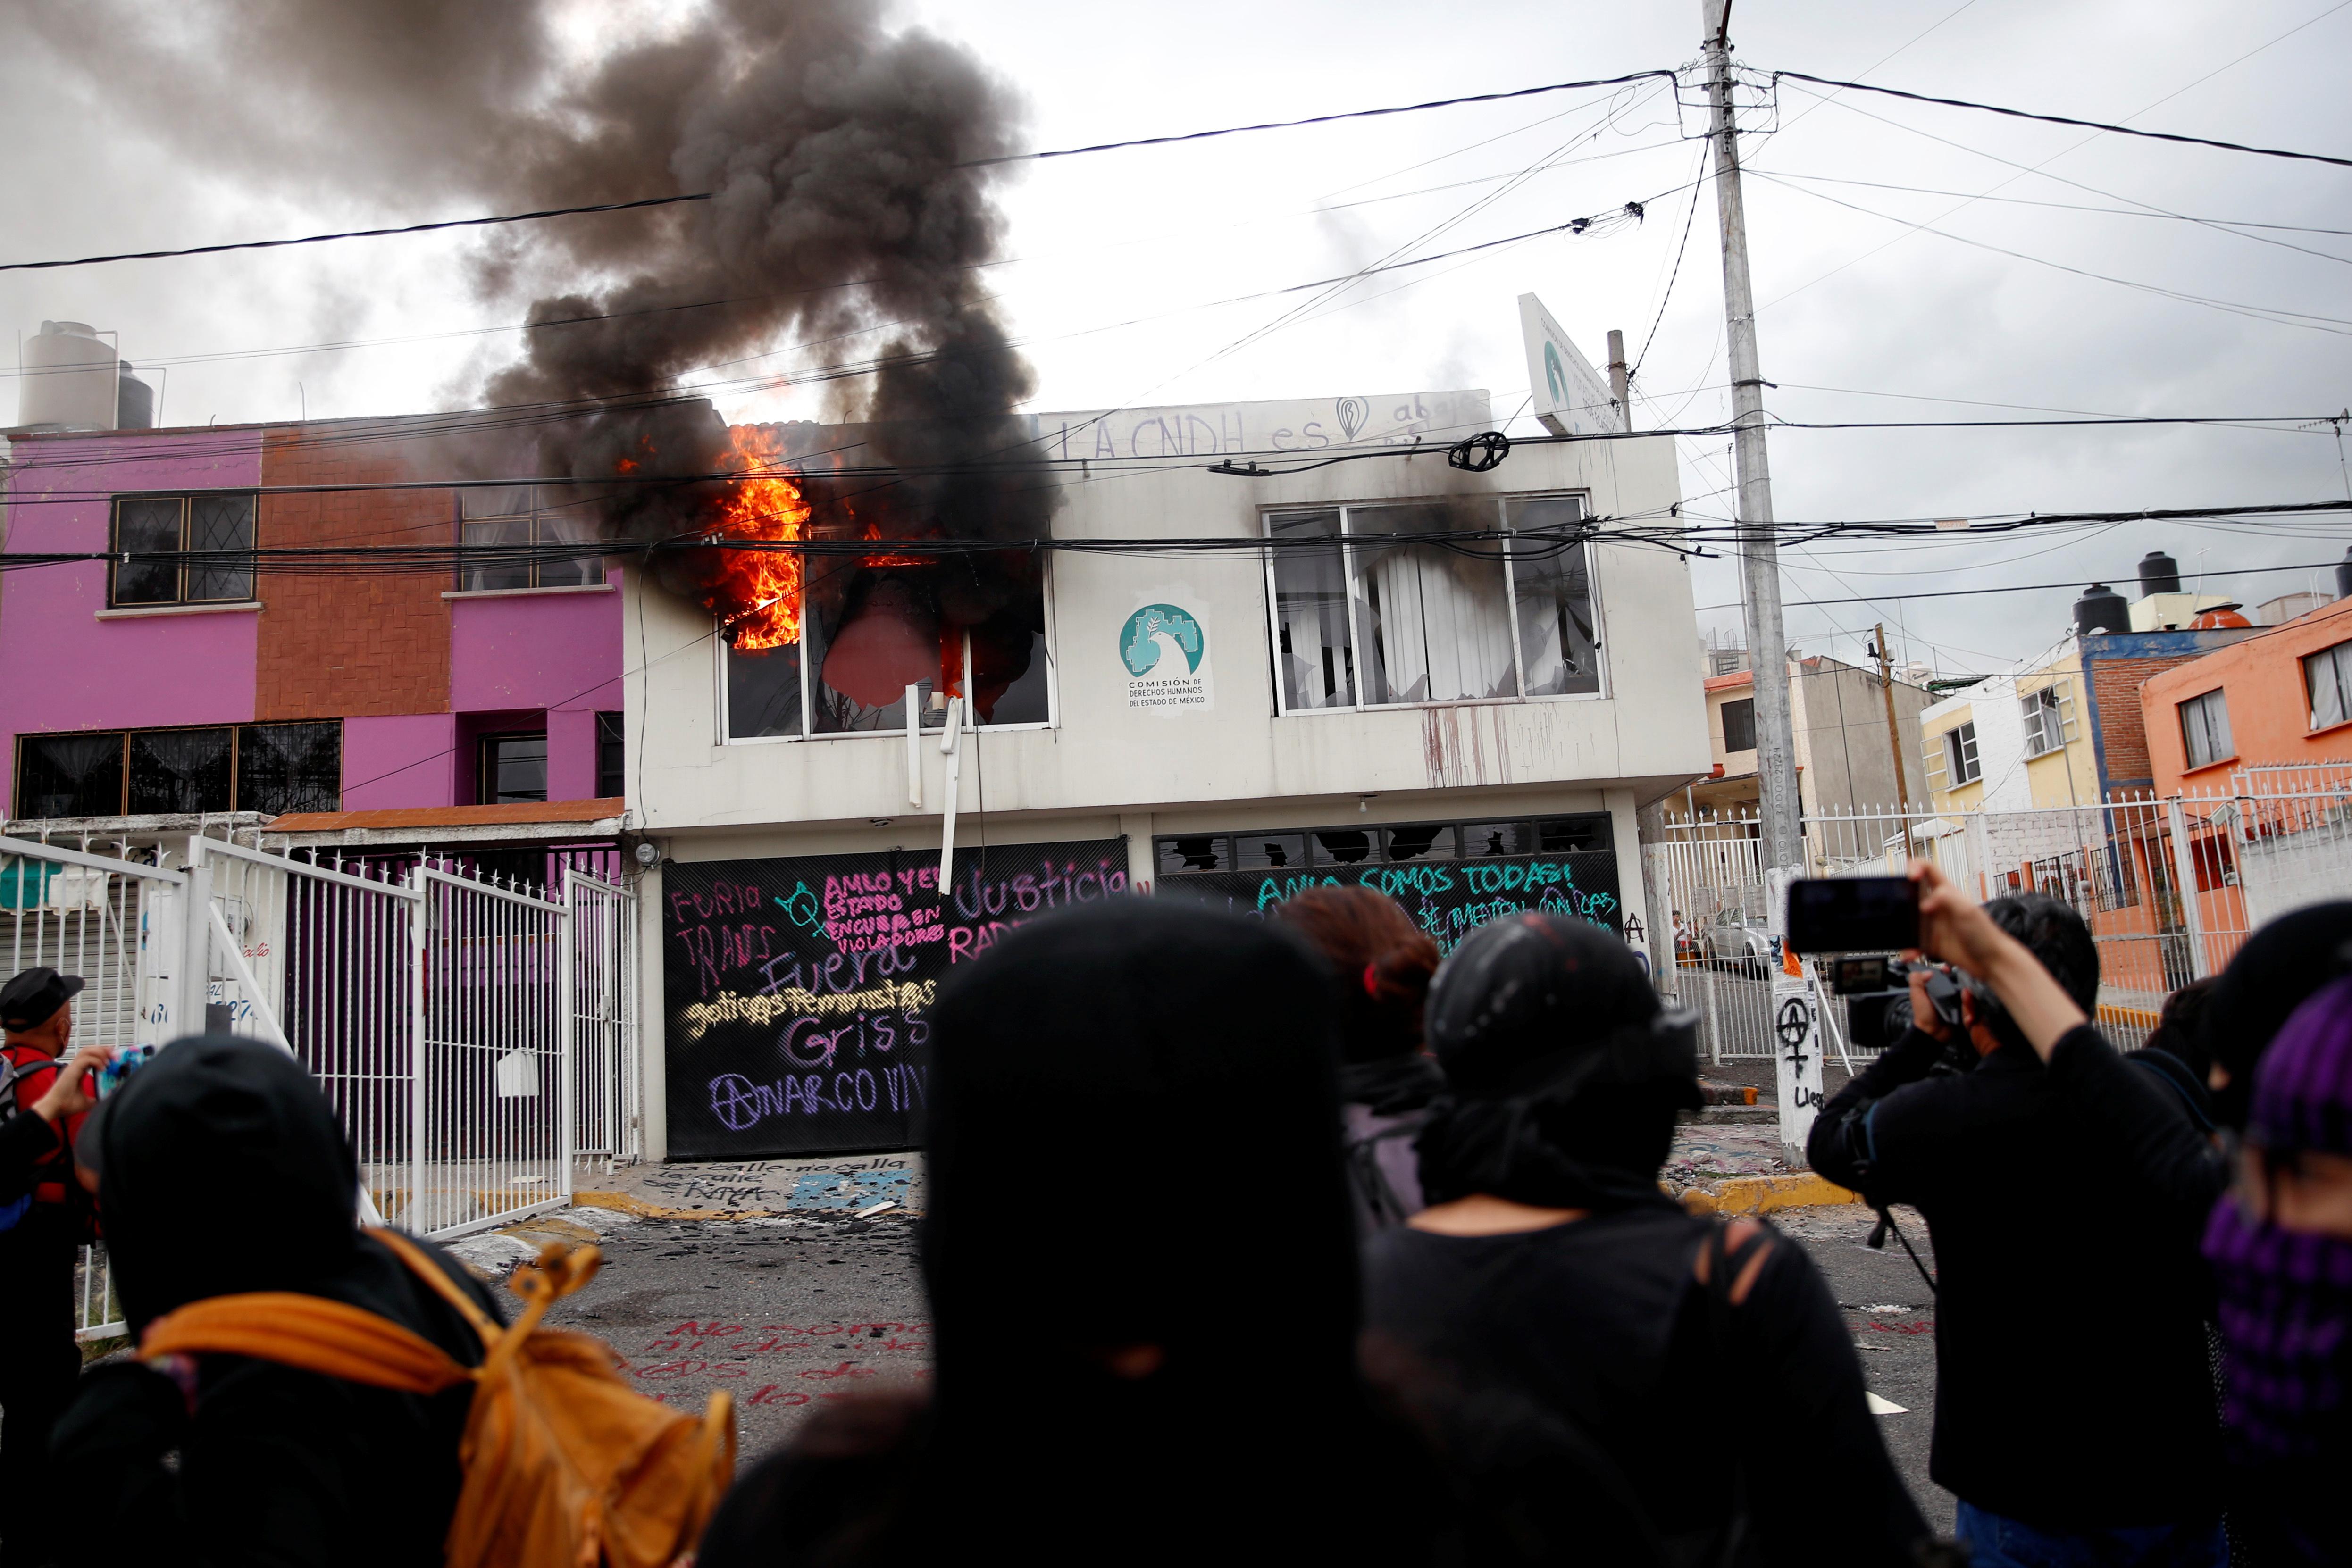 Policías desalojaron violentamente el viernes una sede local de derechos humanos en México que había sido ocupada por mujeres y que forma parte de recientes tomas de instalaciones en el país en protesta por la violencia y los feminicidios que siguen al alza, denunciaron activistas. Foto del 11 de septiembre de 2020.